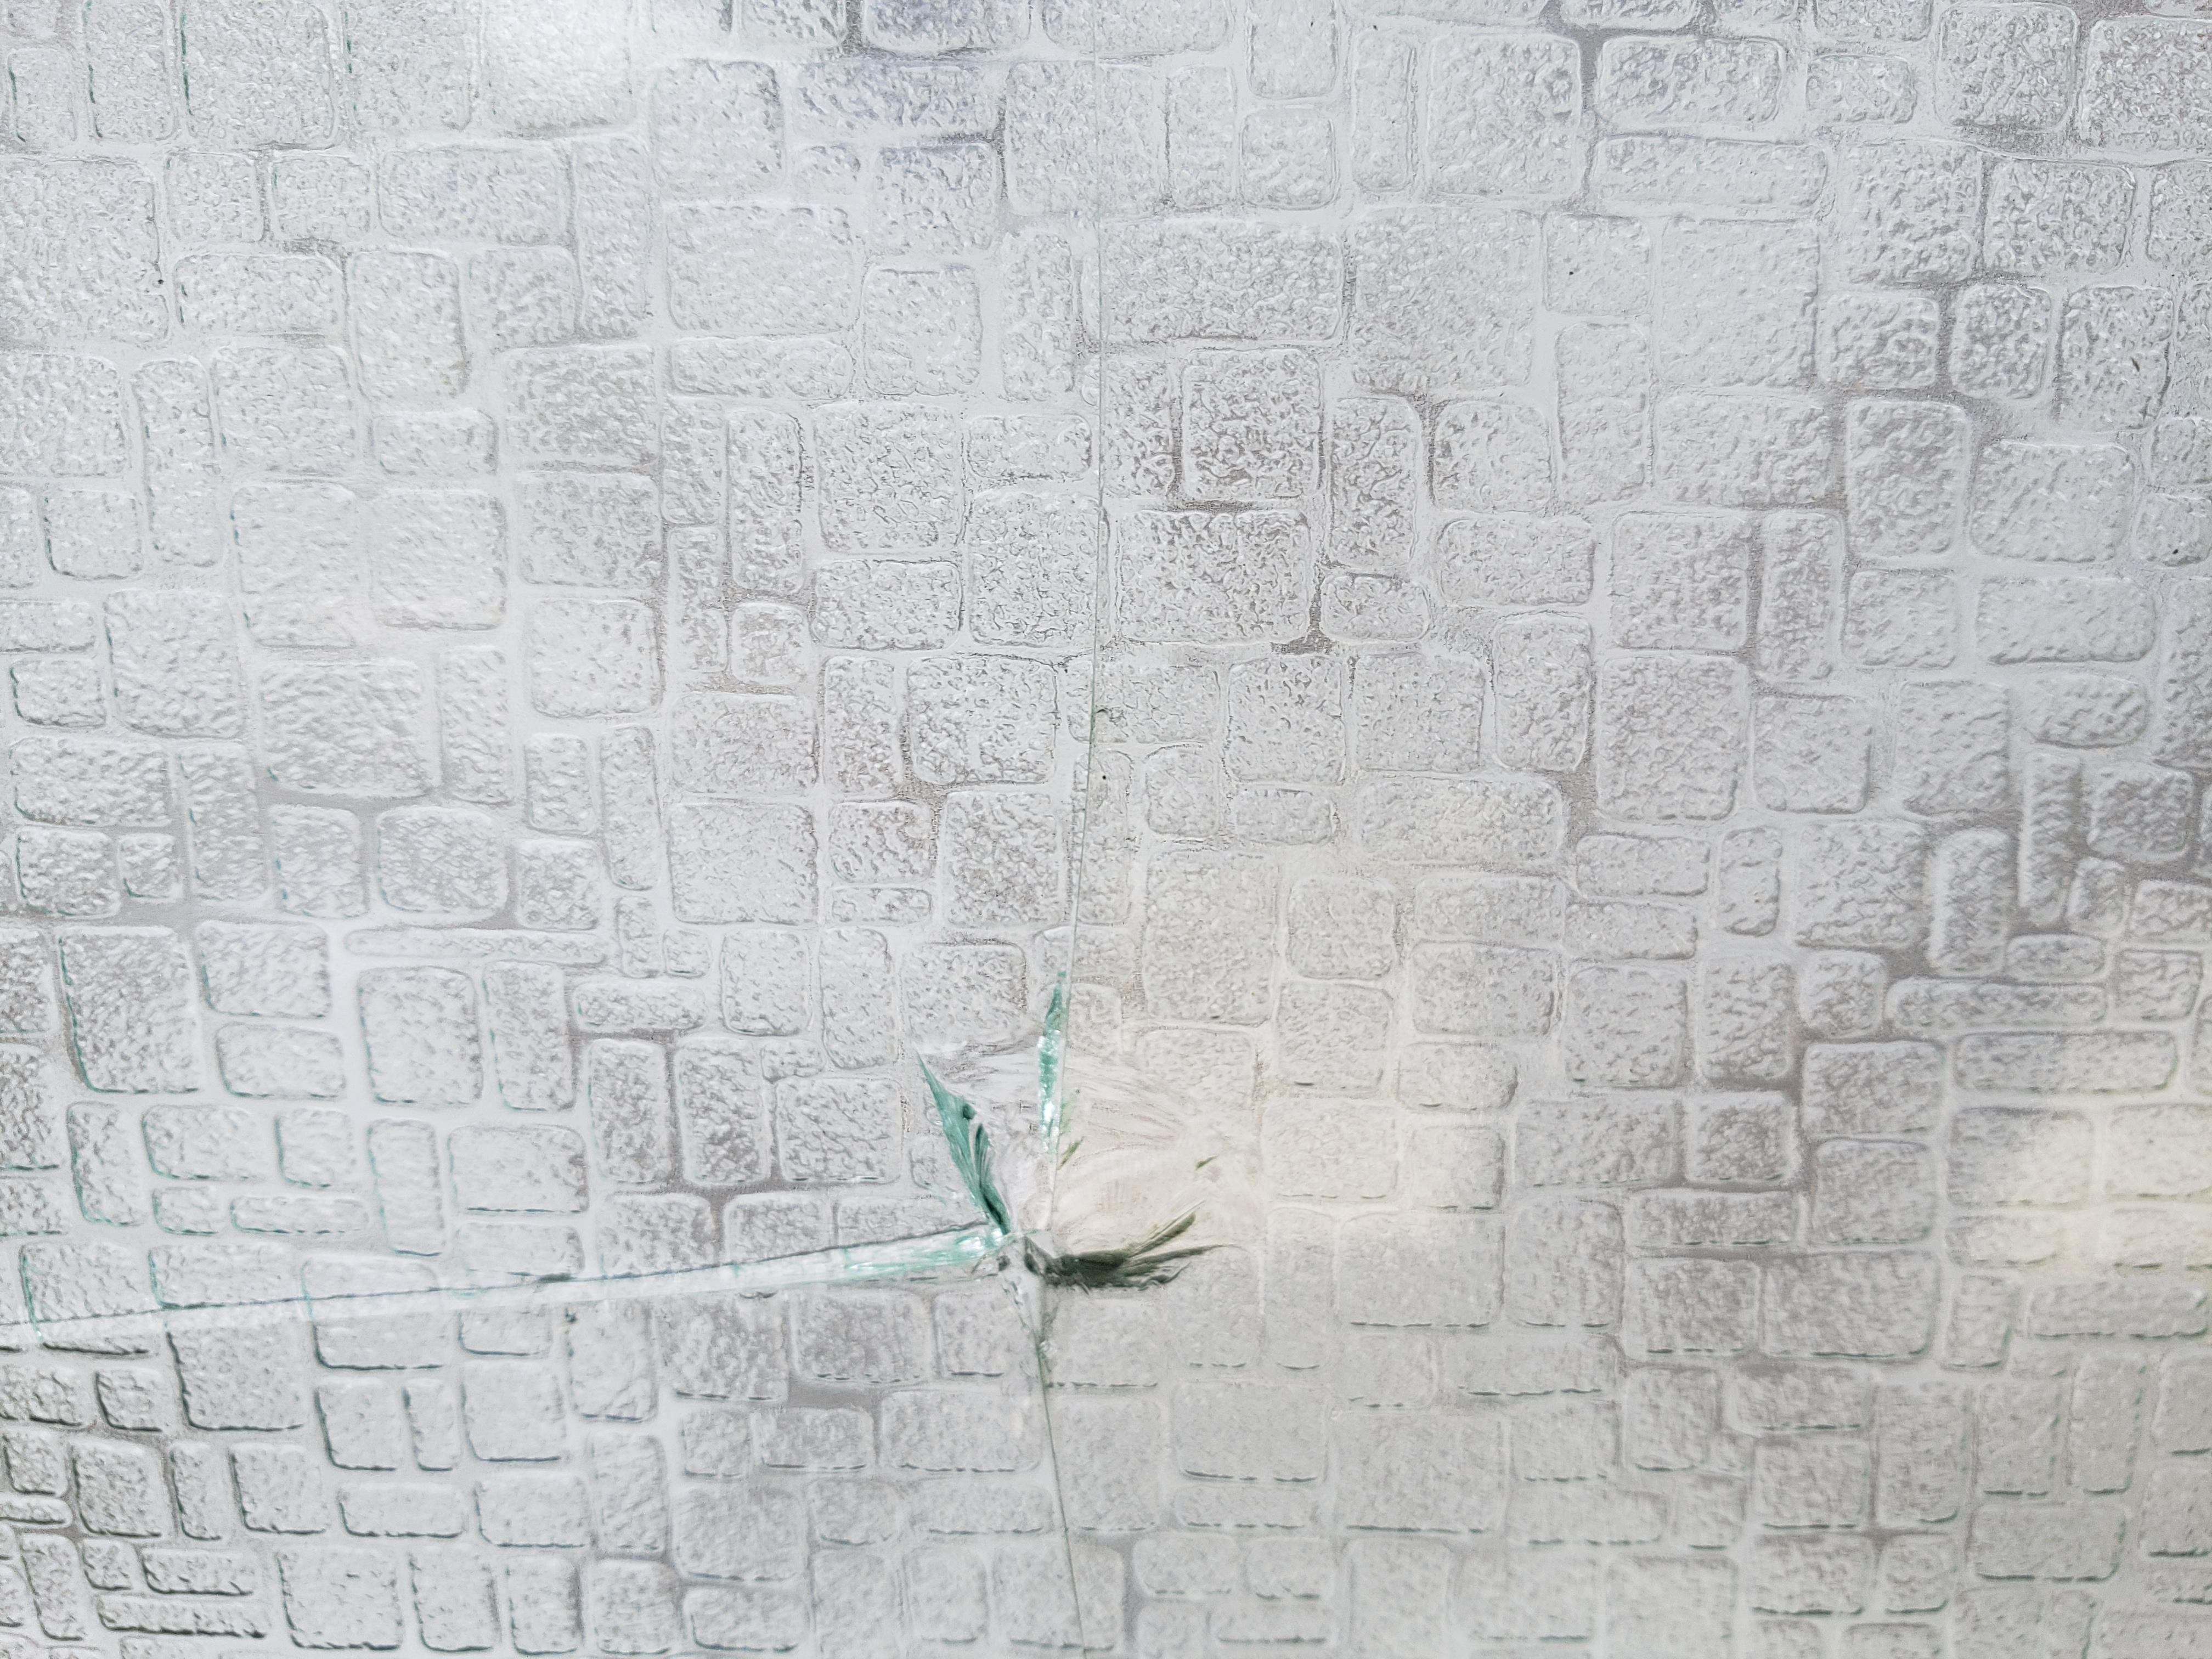 ガラス 割れ替え 現調 ギャラリーパティオの現場ブログ メイン写真